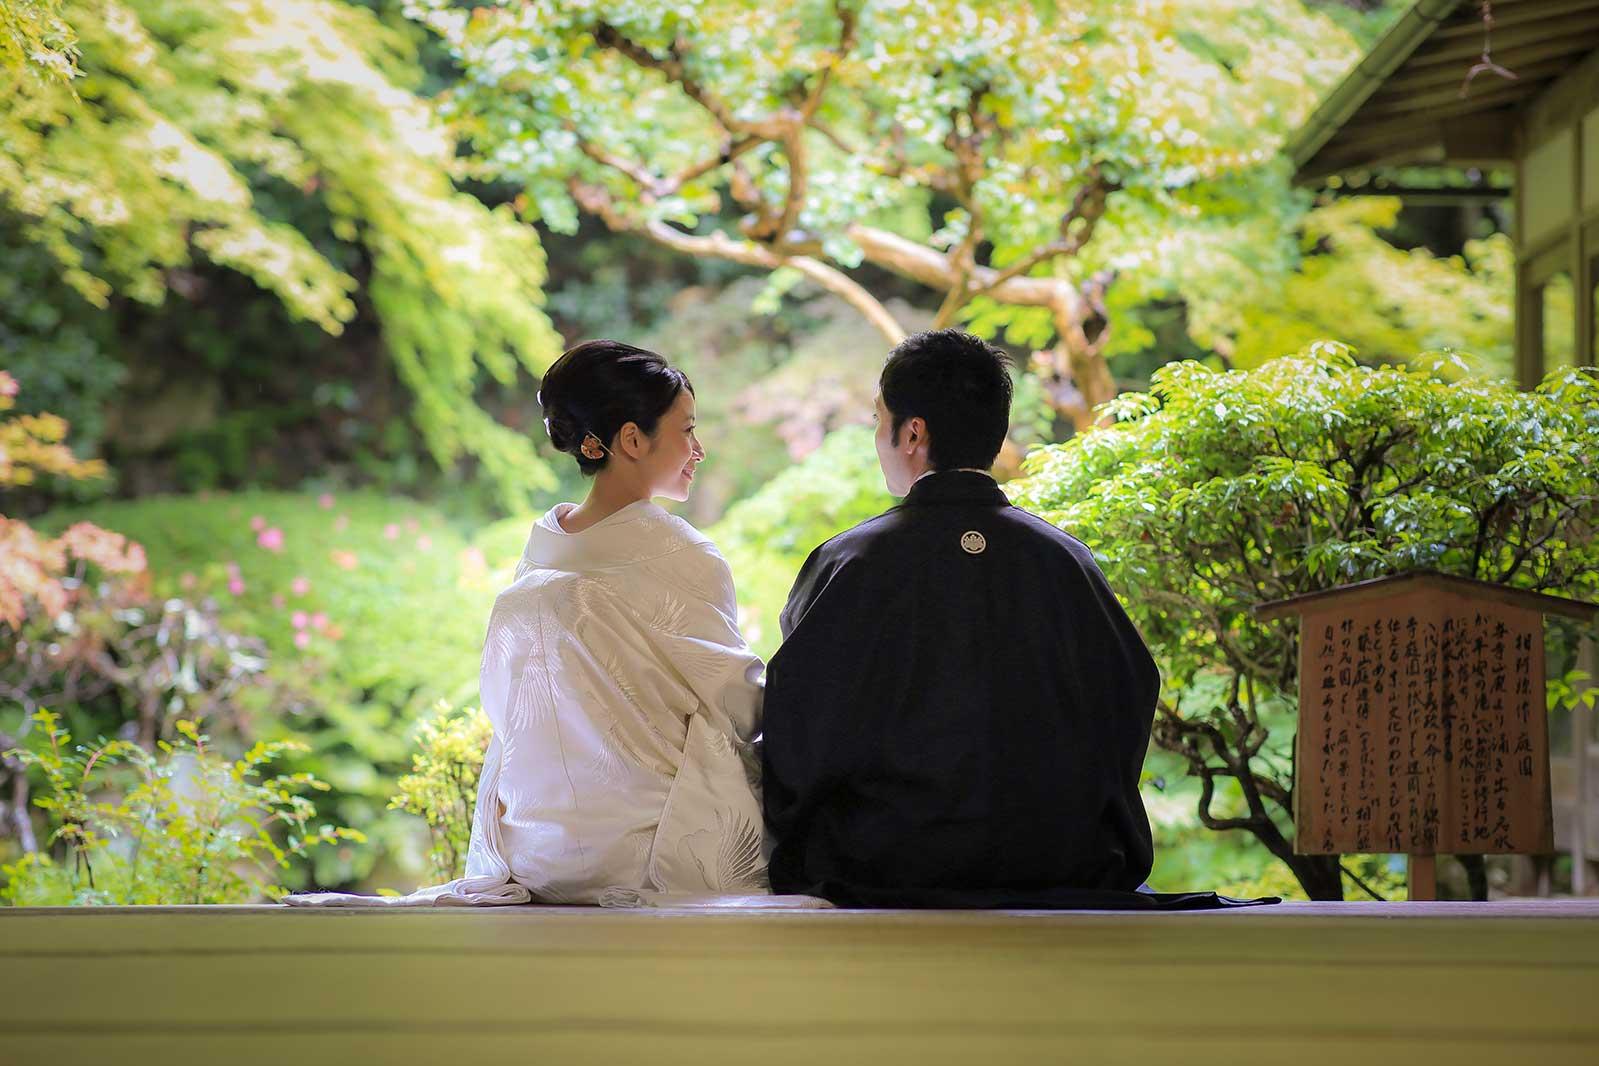 長楽寺での結婚写真撮影風景